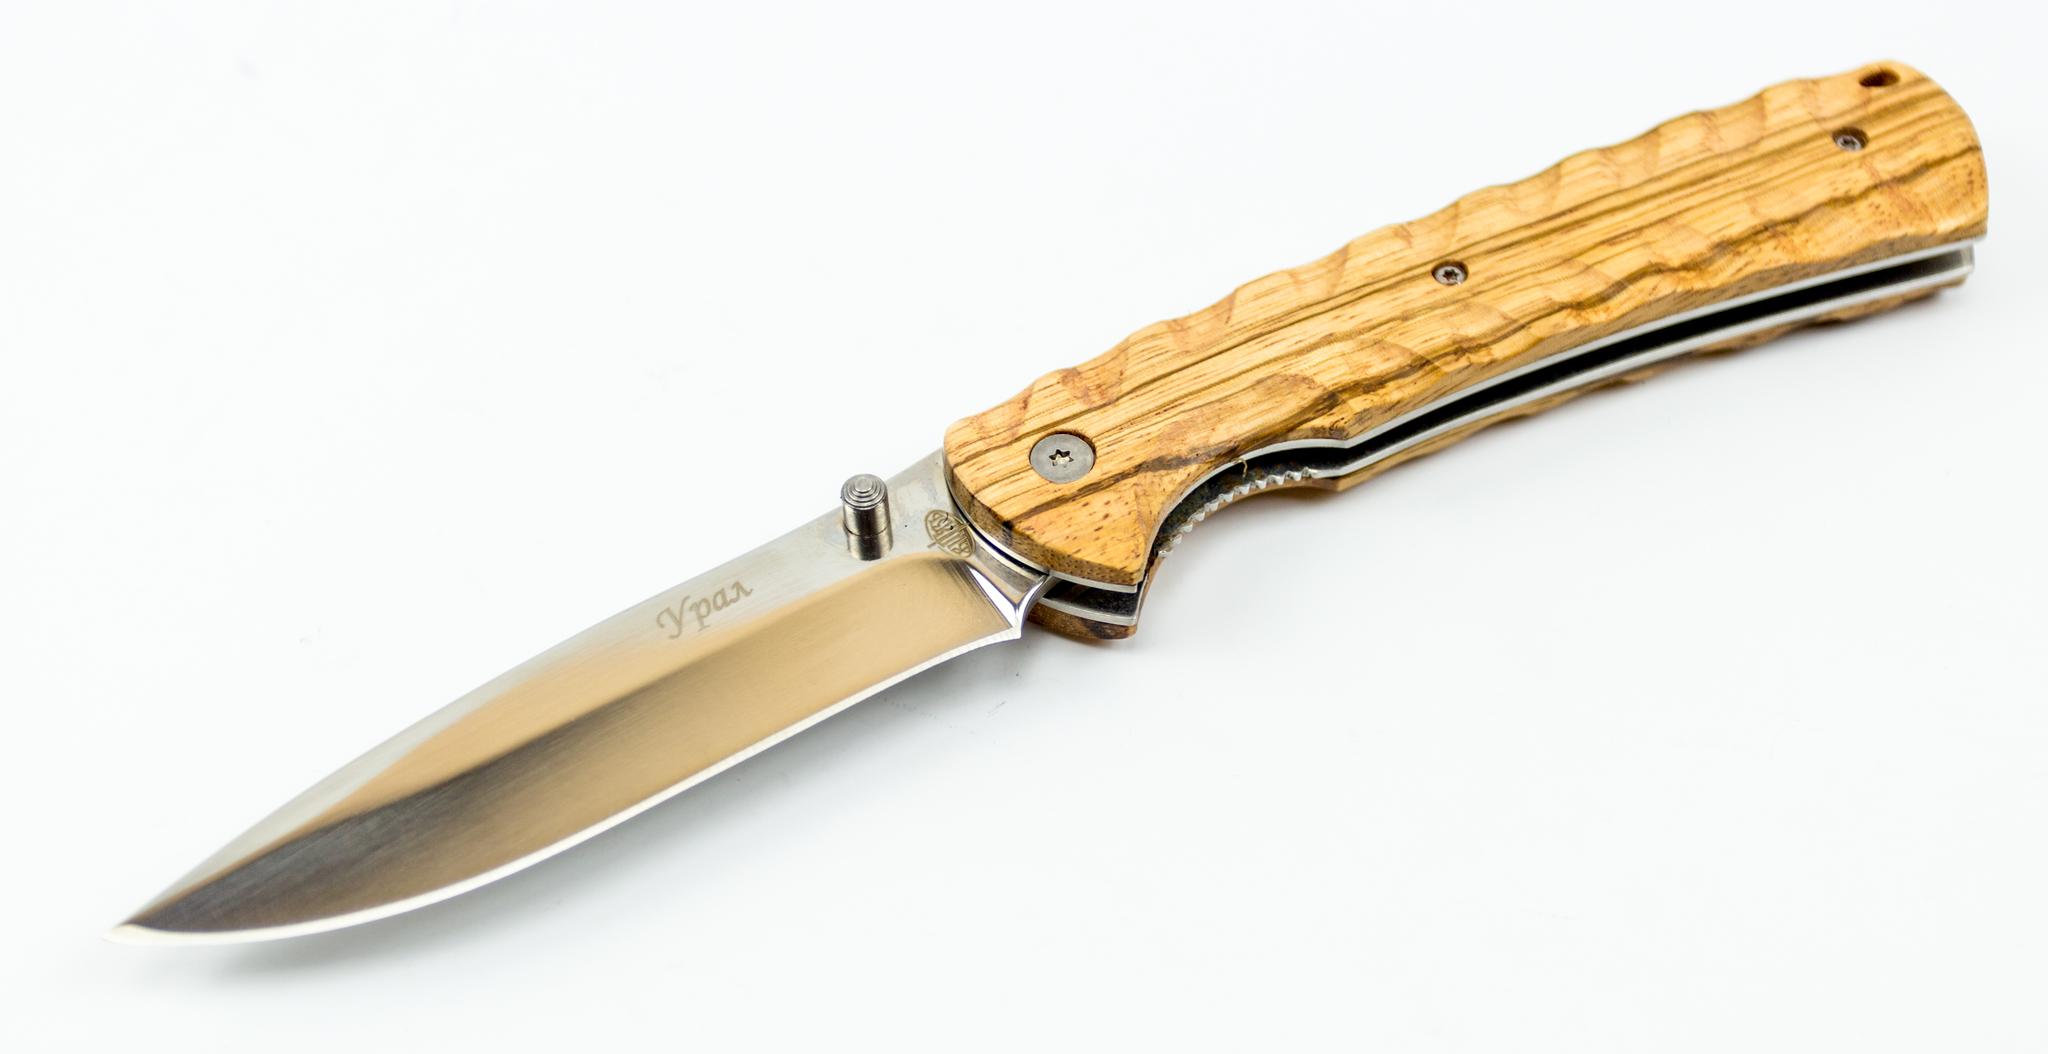 Складной нож Урал складной нож gdc tech skin gerber